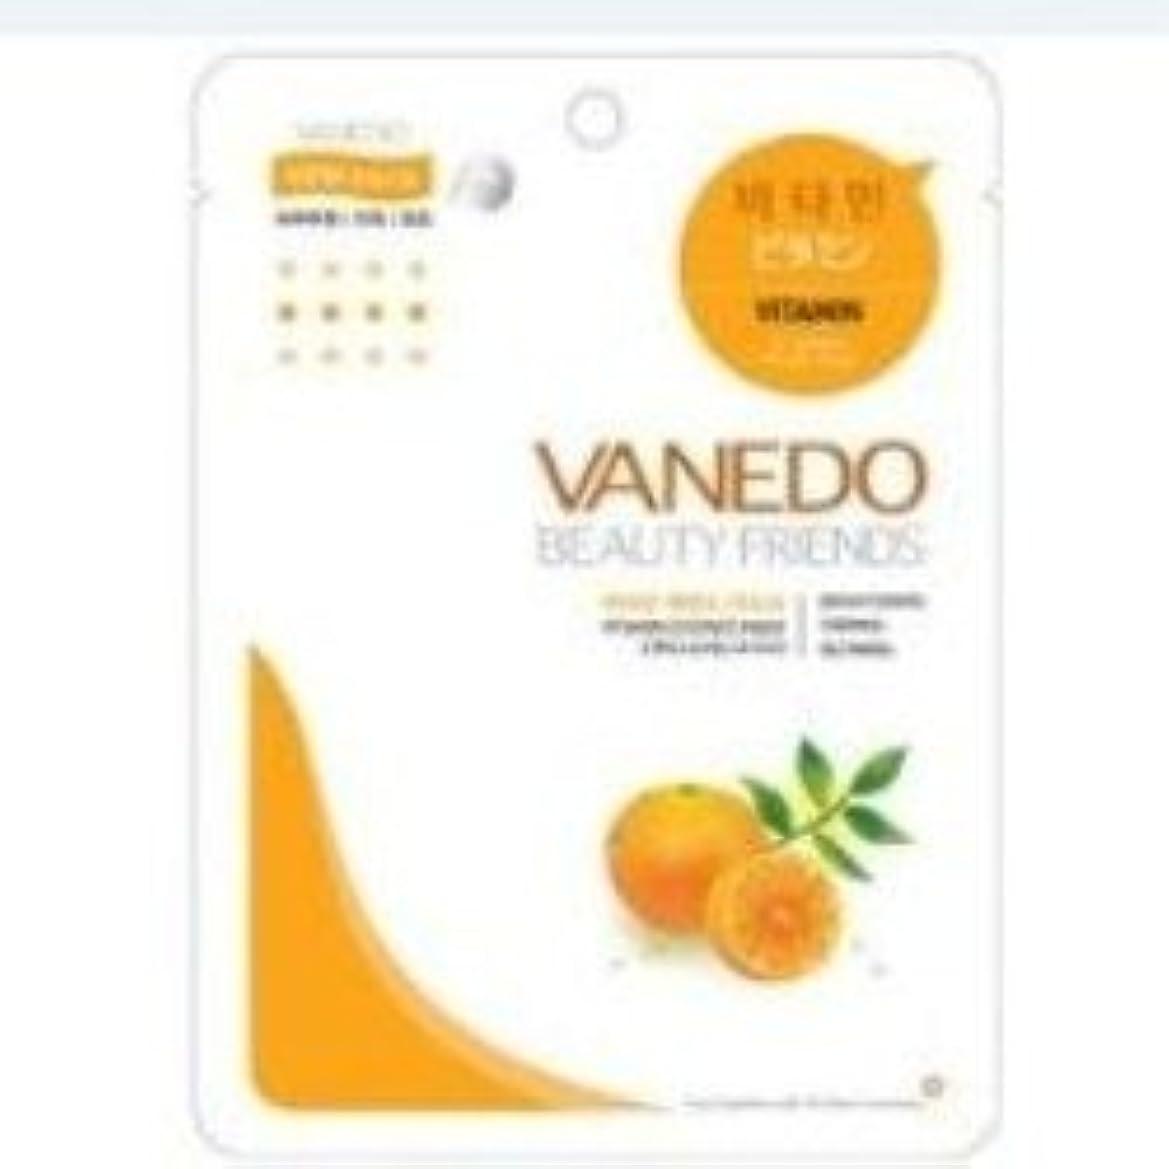 トロイの木馬バスト発表するVANEDO(バネド) エッセンスマスクシートパック <1種類x10枚セット>(ビタミン)